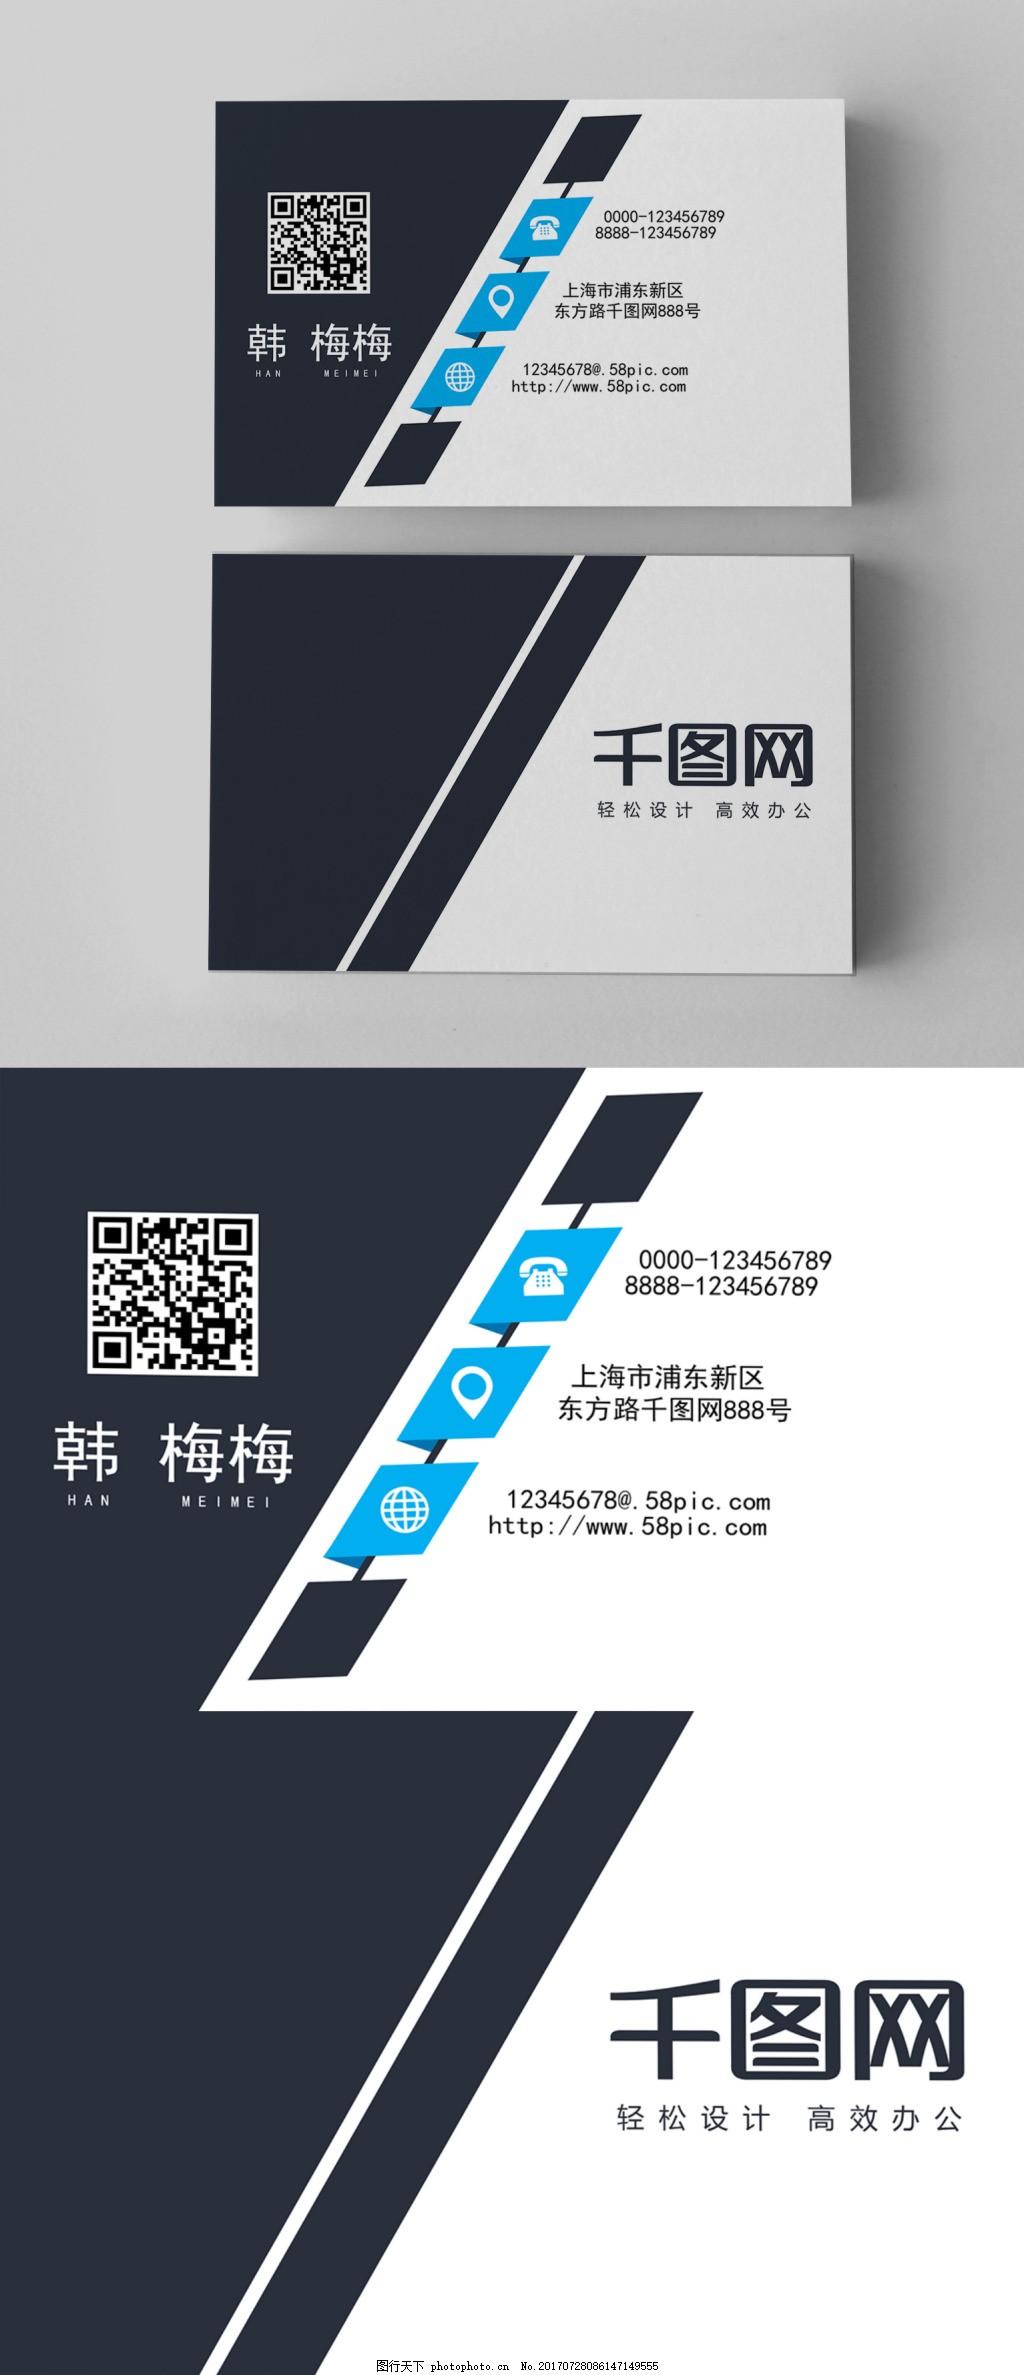 大气简约商务高端企业工作名片专用模板 设计模版 名片模板 设计模板